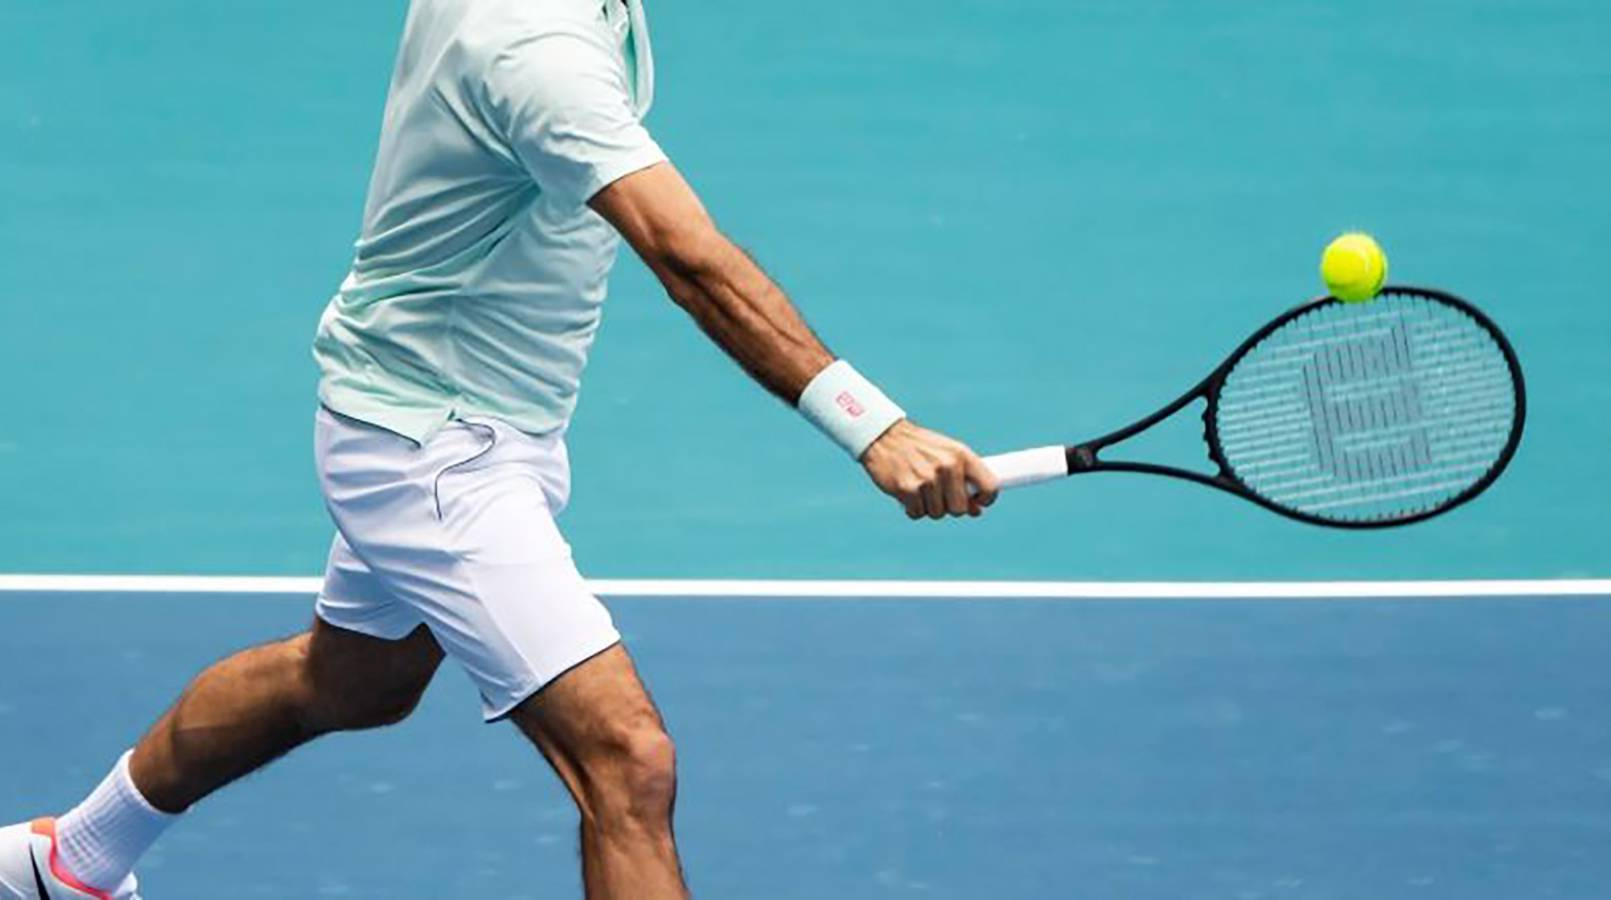 Miami Open Tennis Session 13 - Grandstand